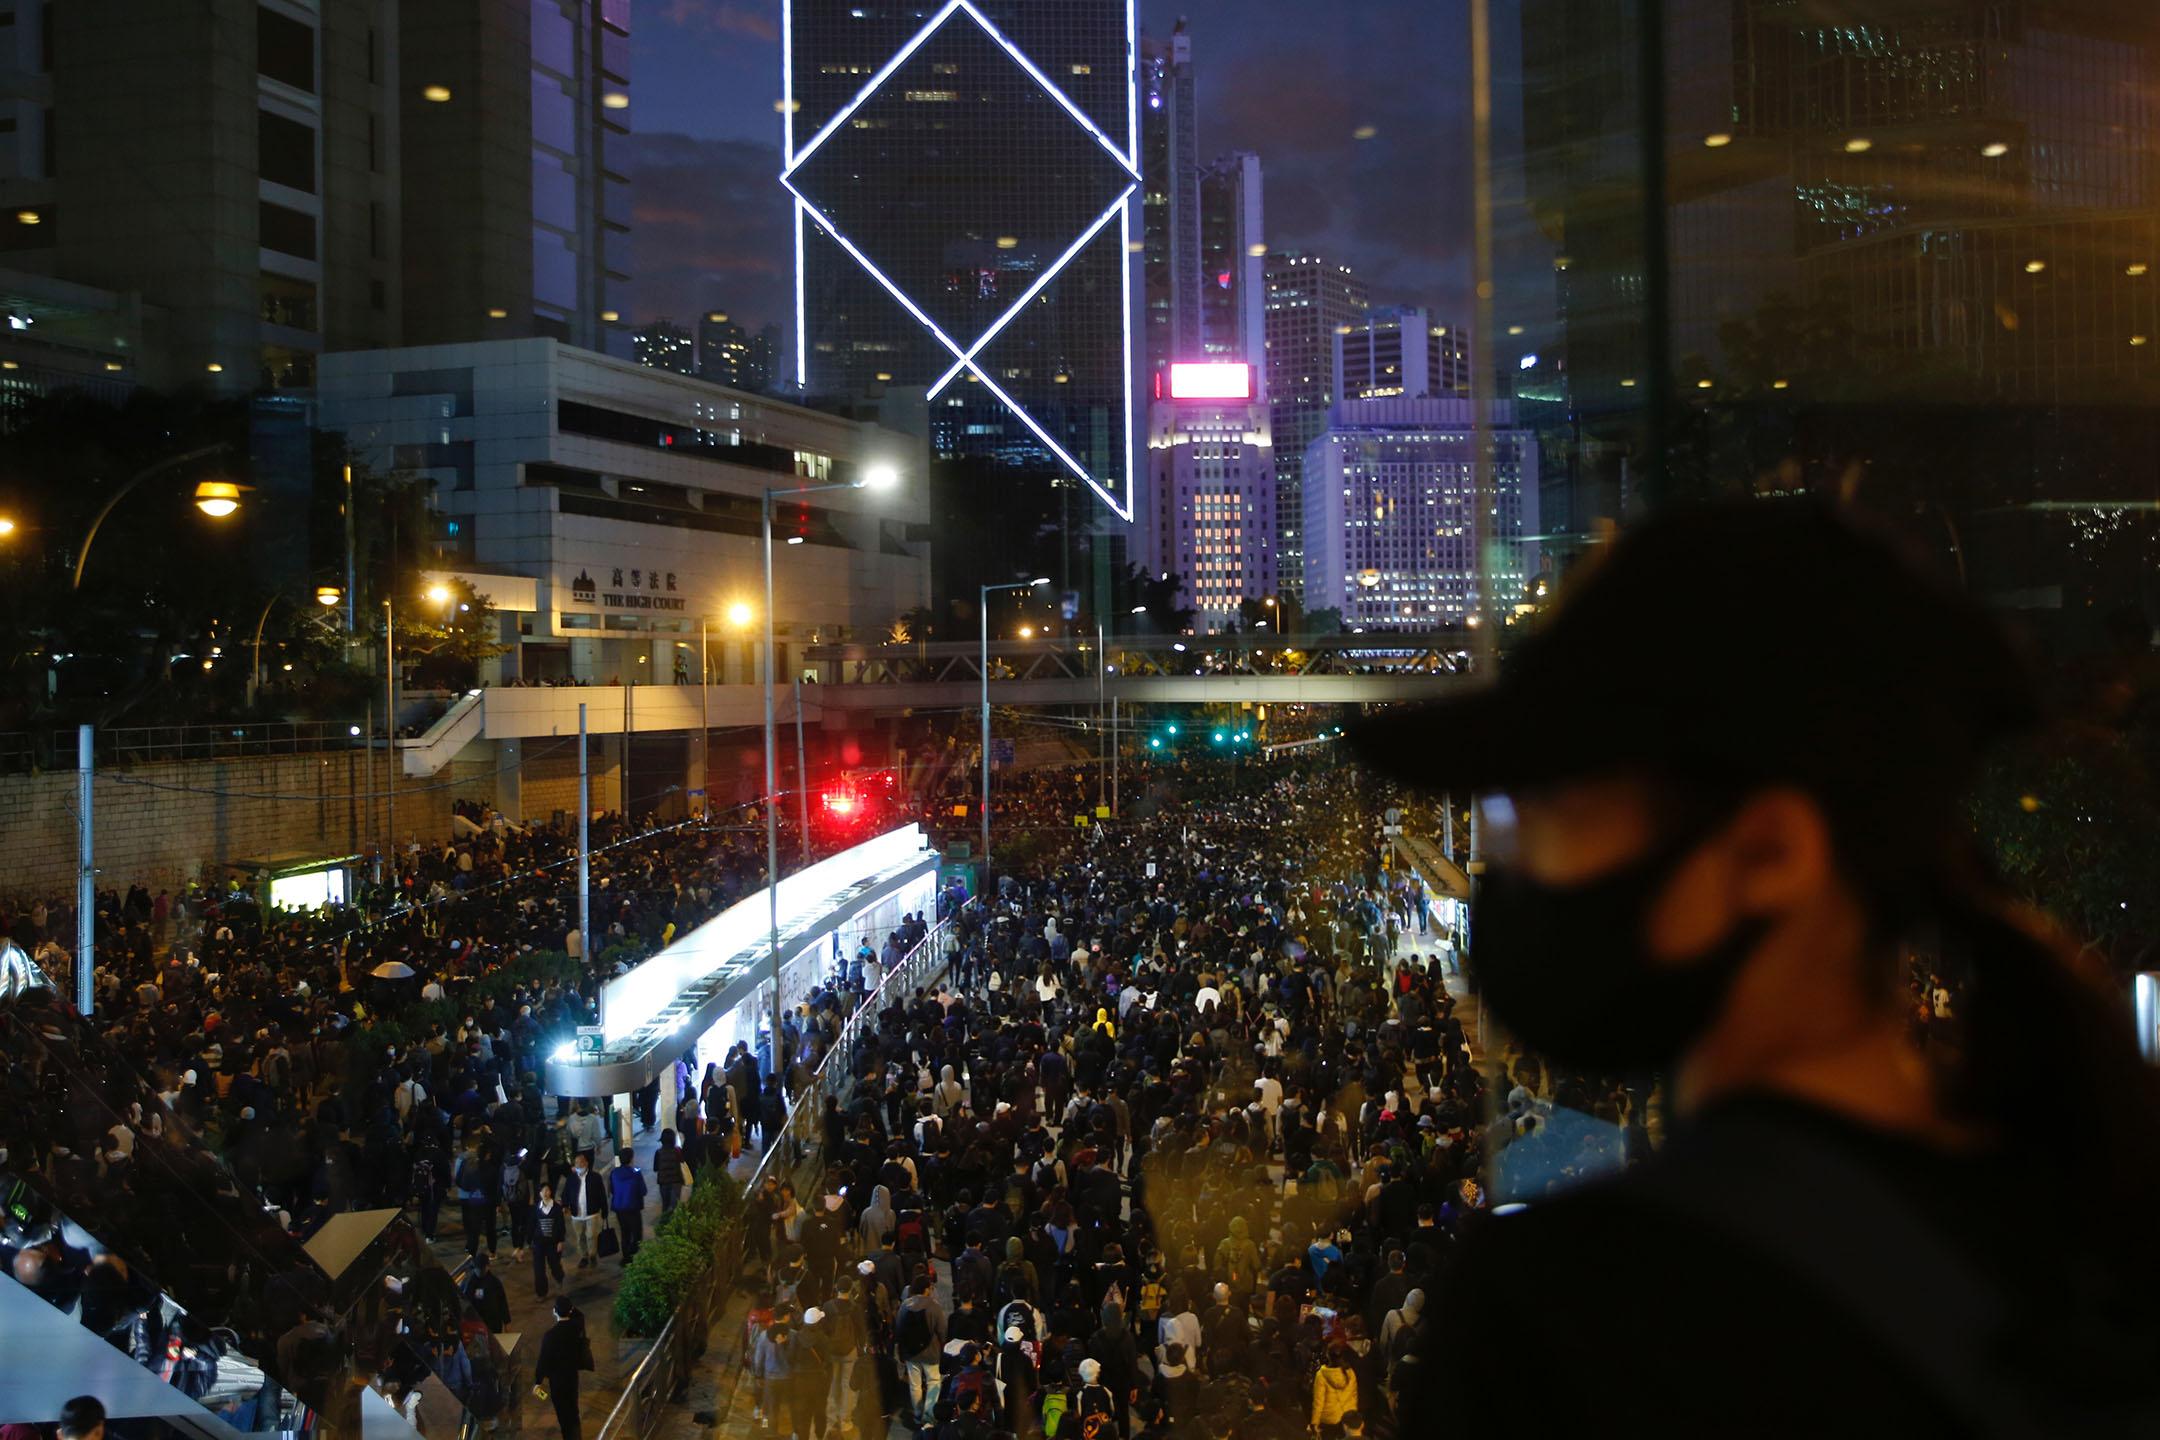 2019年12月8日,民陣發起國際人權日遊行,晚上六點左右,參與遊行的人群。